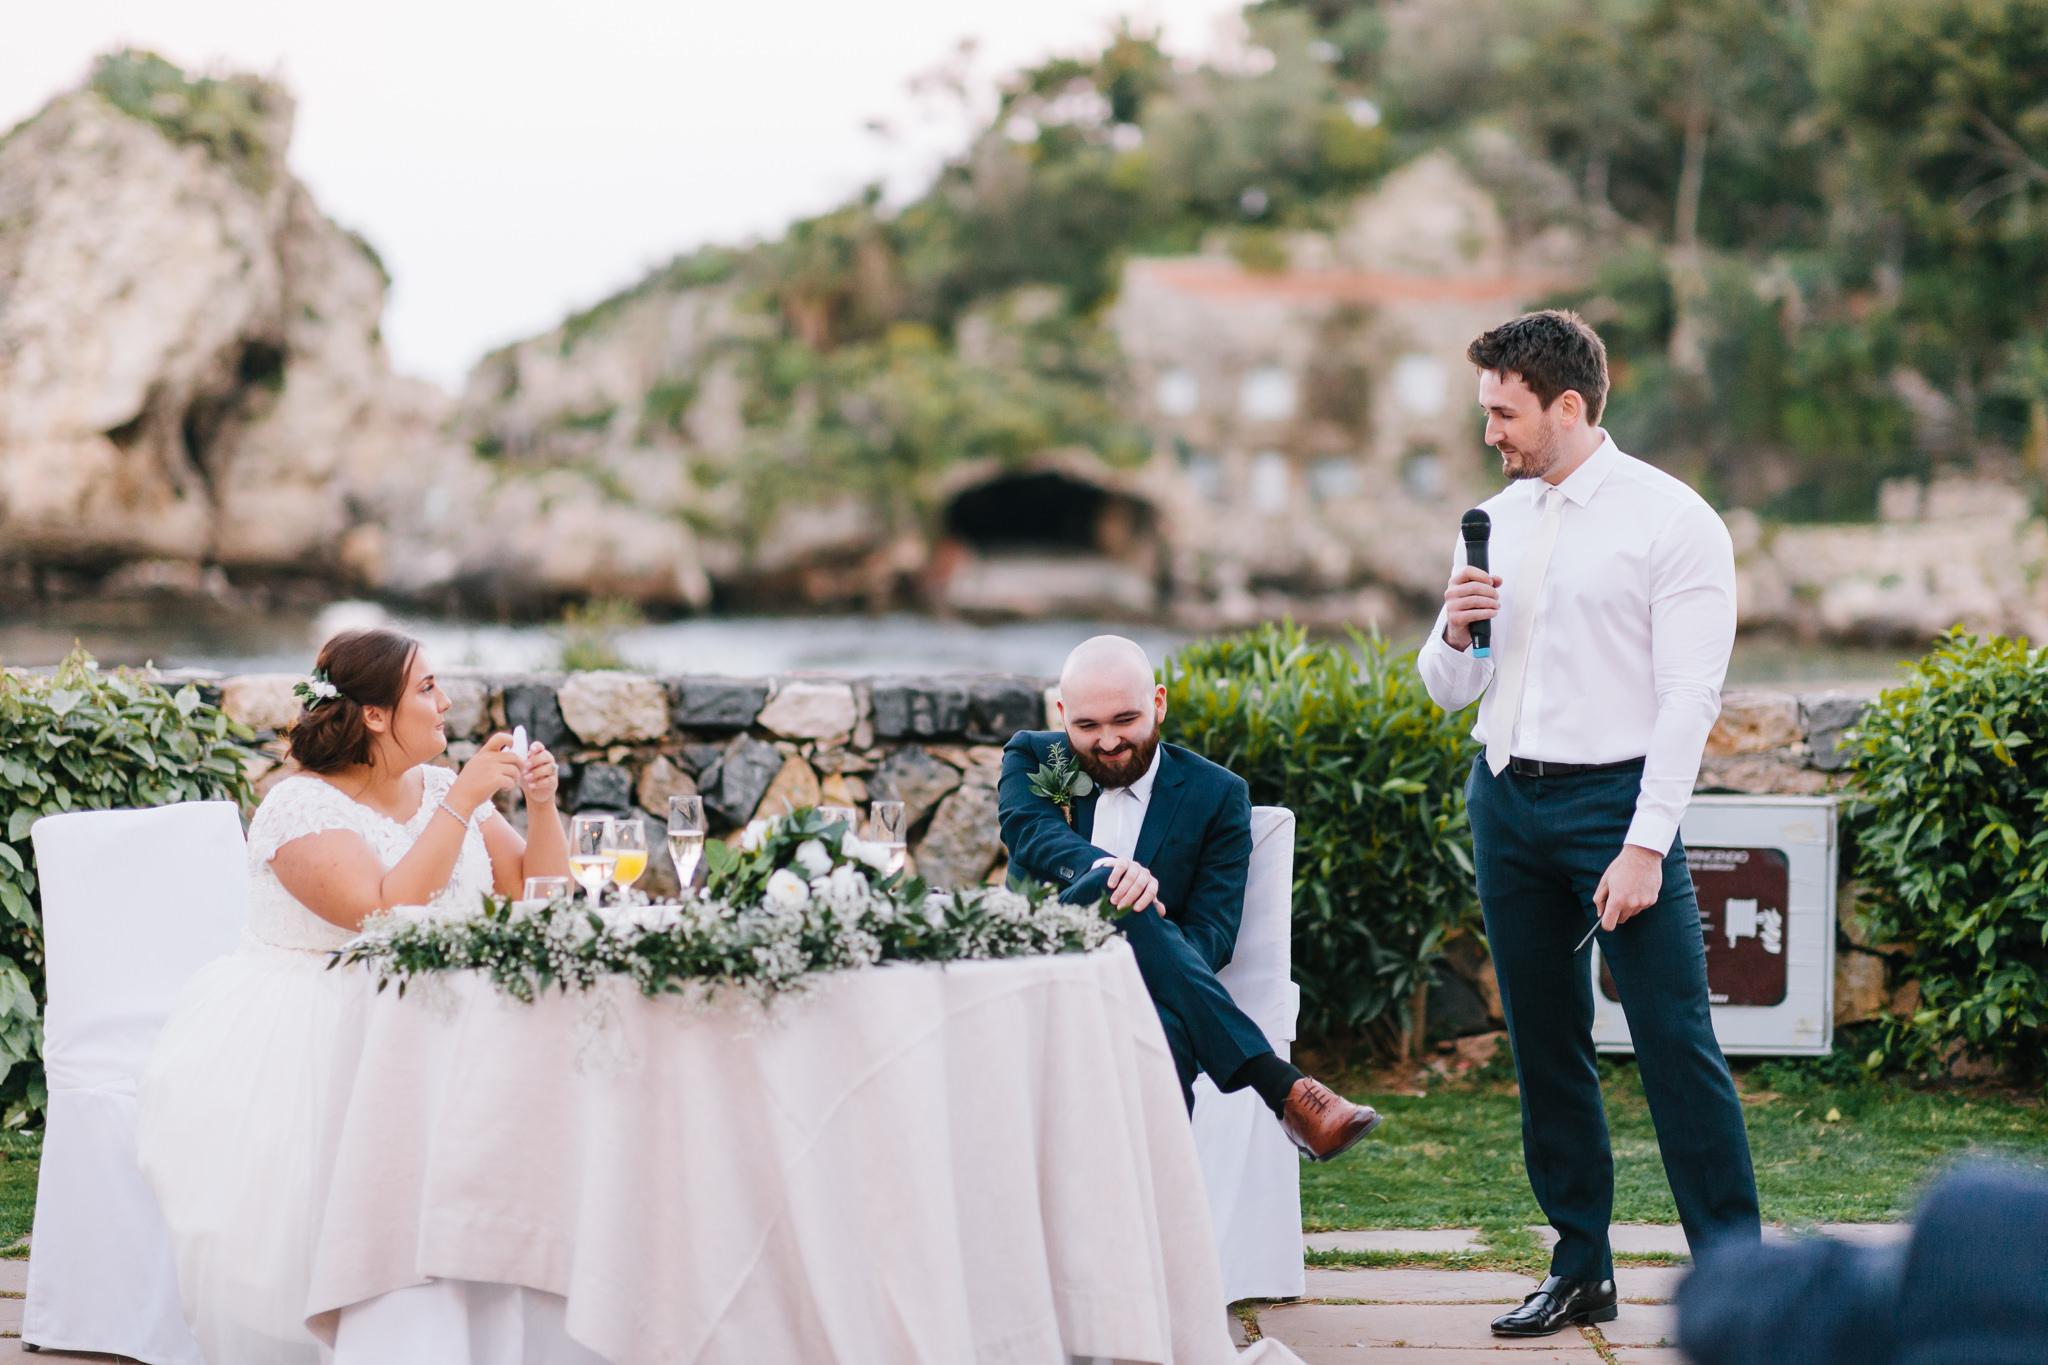 063-2019-04-27-Wedding-Michelle-e-Callum-85mm-180